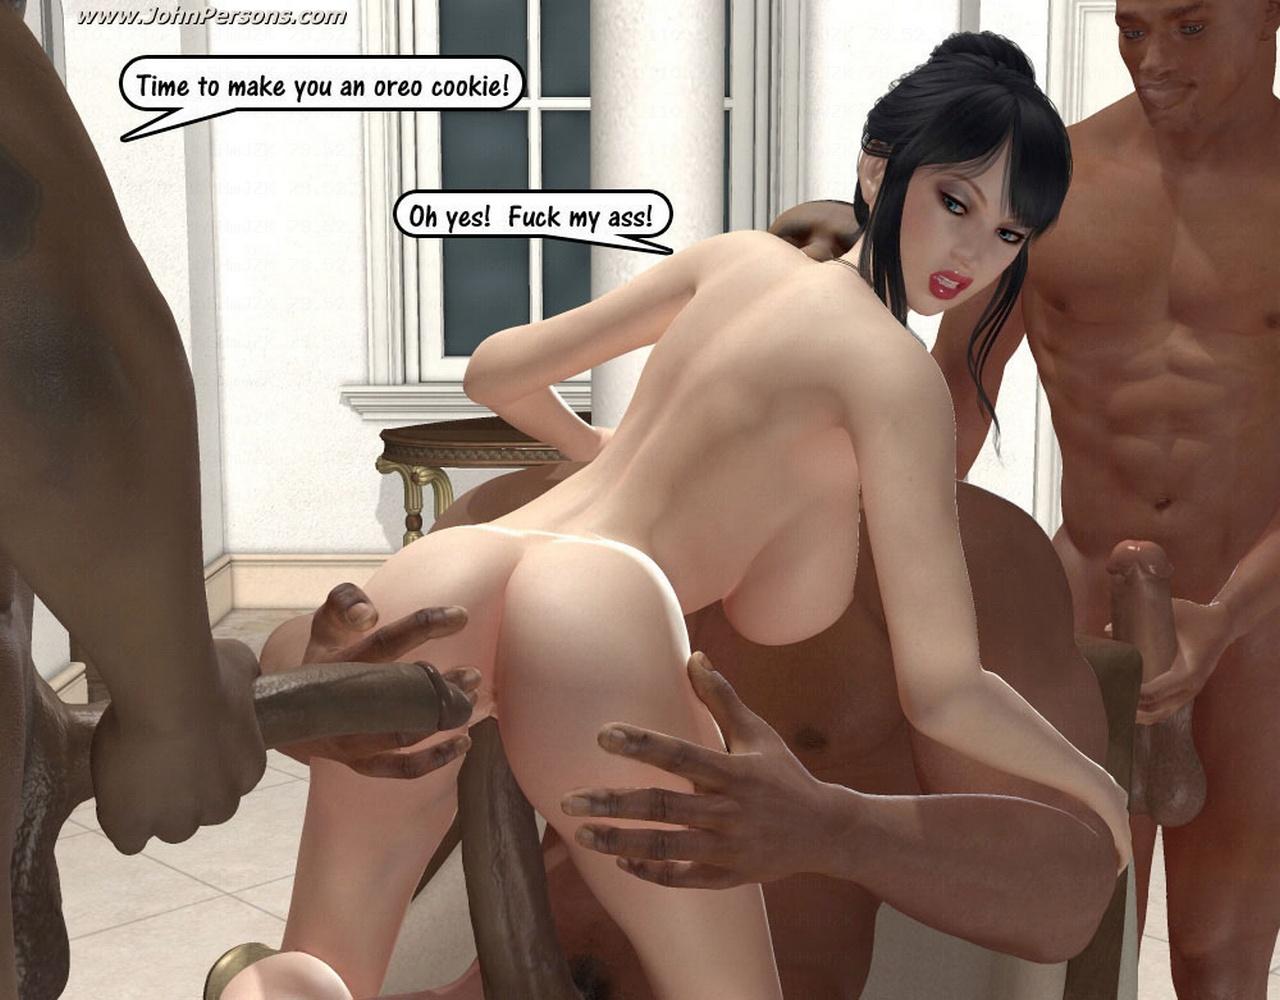 рассказ на тему эротическая фантазия